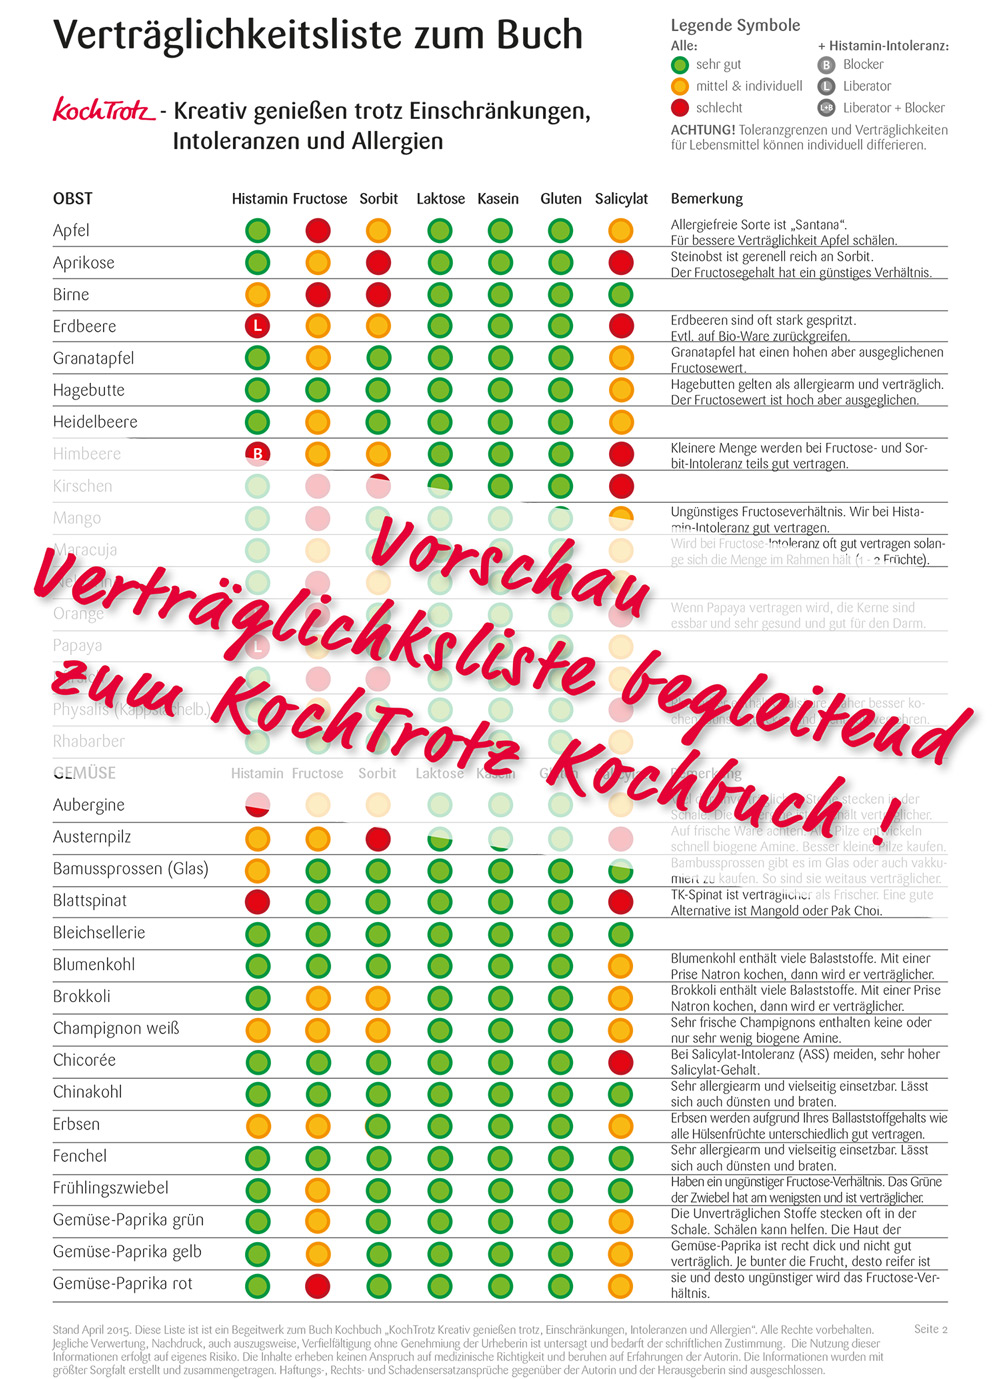 kochtrotz-kreativ-geniessen-kochbuch-vorschau-vertraeglichkeitsliste-1504123-1000-1